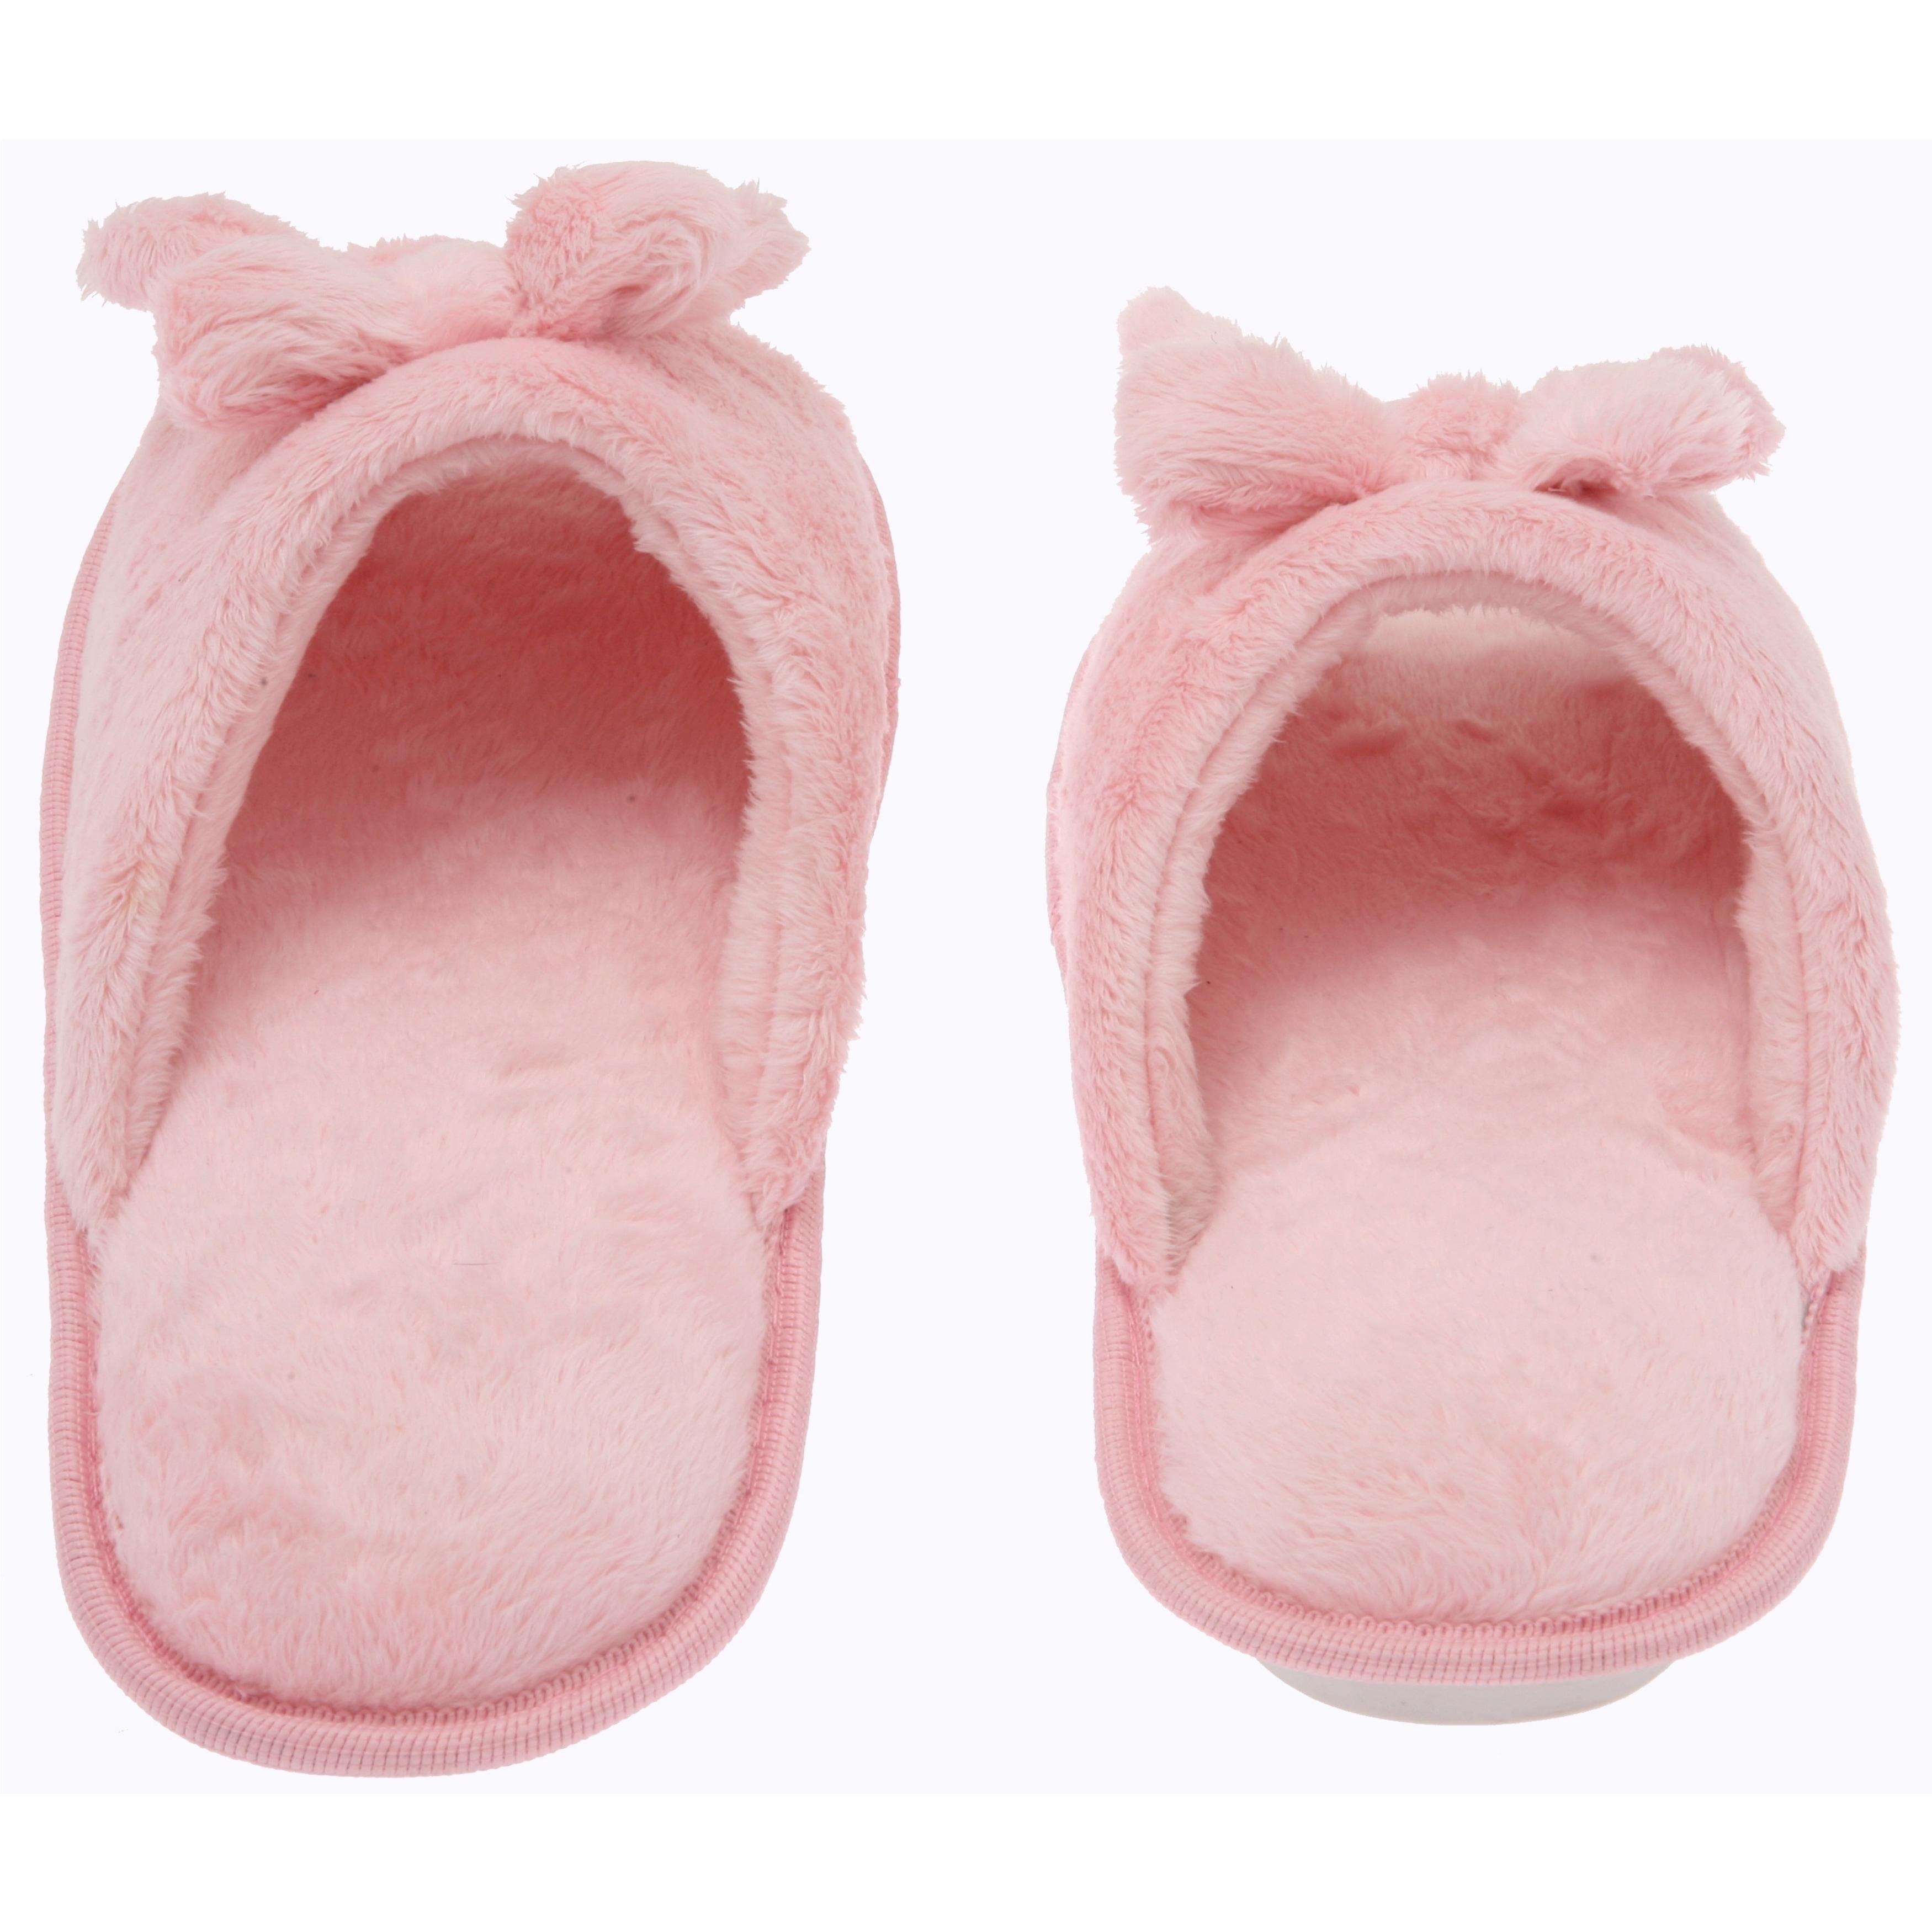 9d3103a7b37 Shop Women s Butterfly Bow Slip-On Memory Foam House Slippers - Open Toe -  Fleece Memory Foam - Non-Marking Rubber Sole - Pink - Free Shipping On  Orders ...